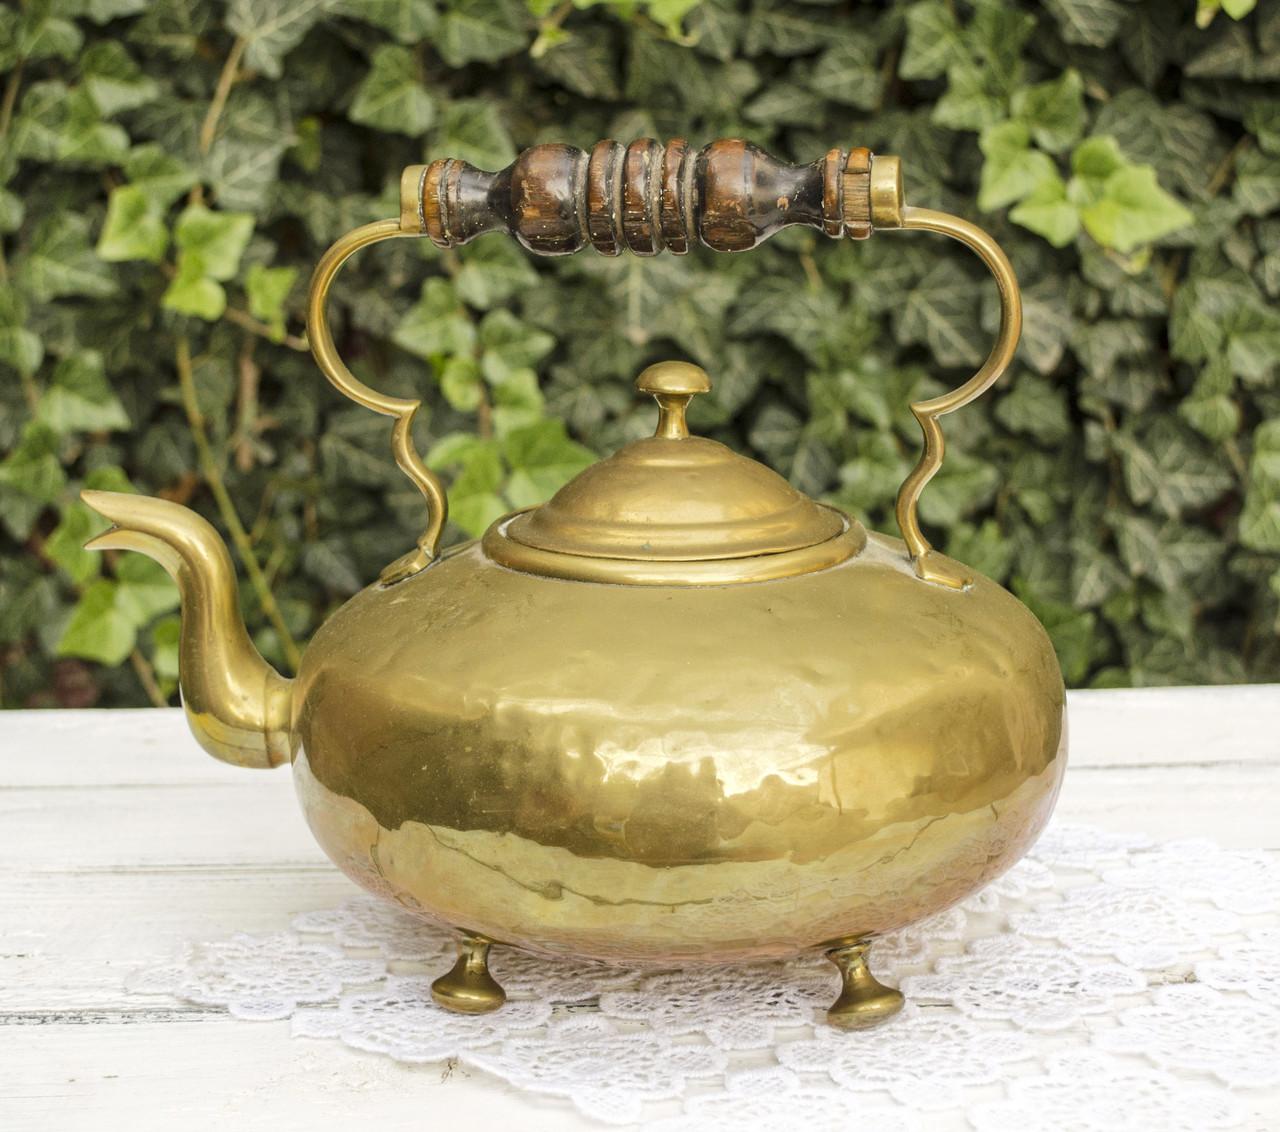 Старый бронзовый чайник, бронза, деревянная ручка, Германия